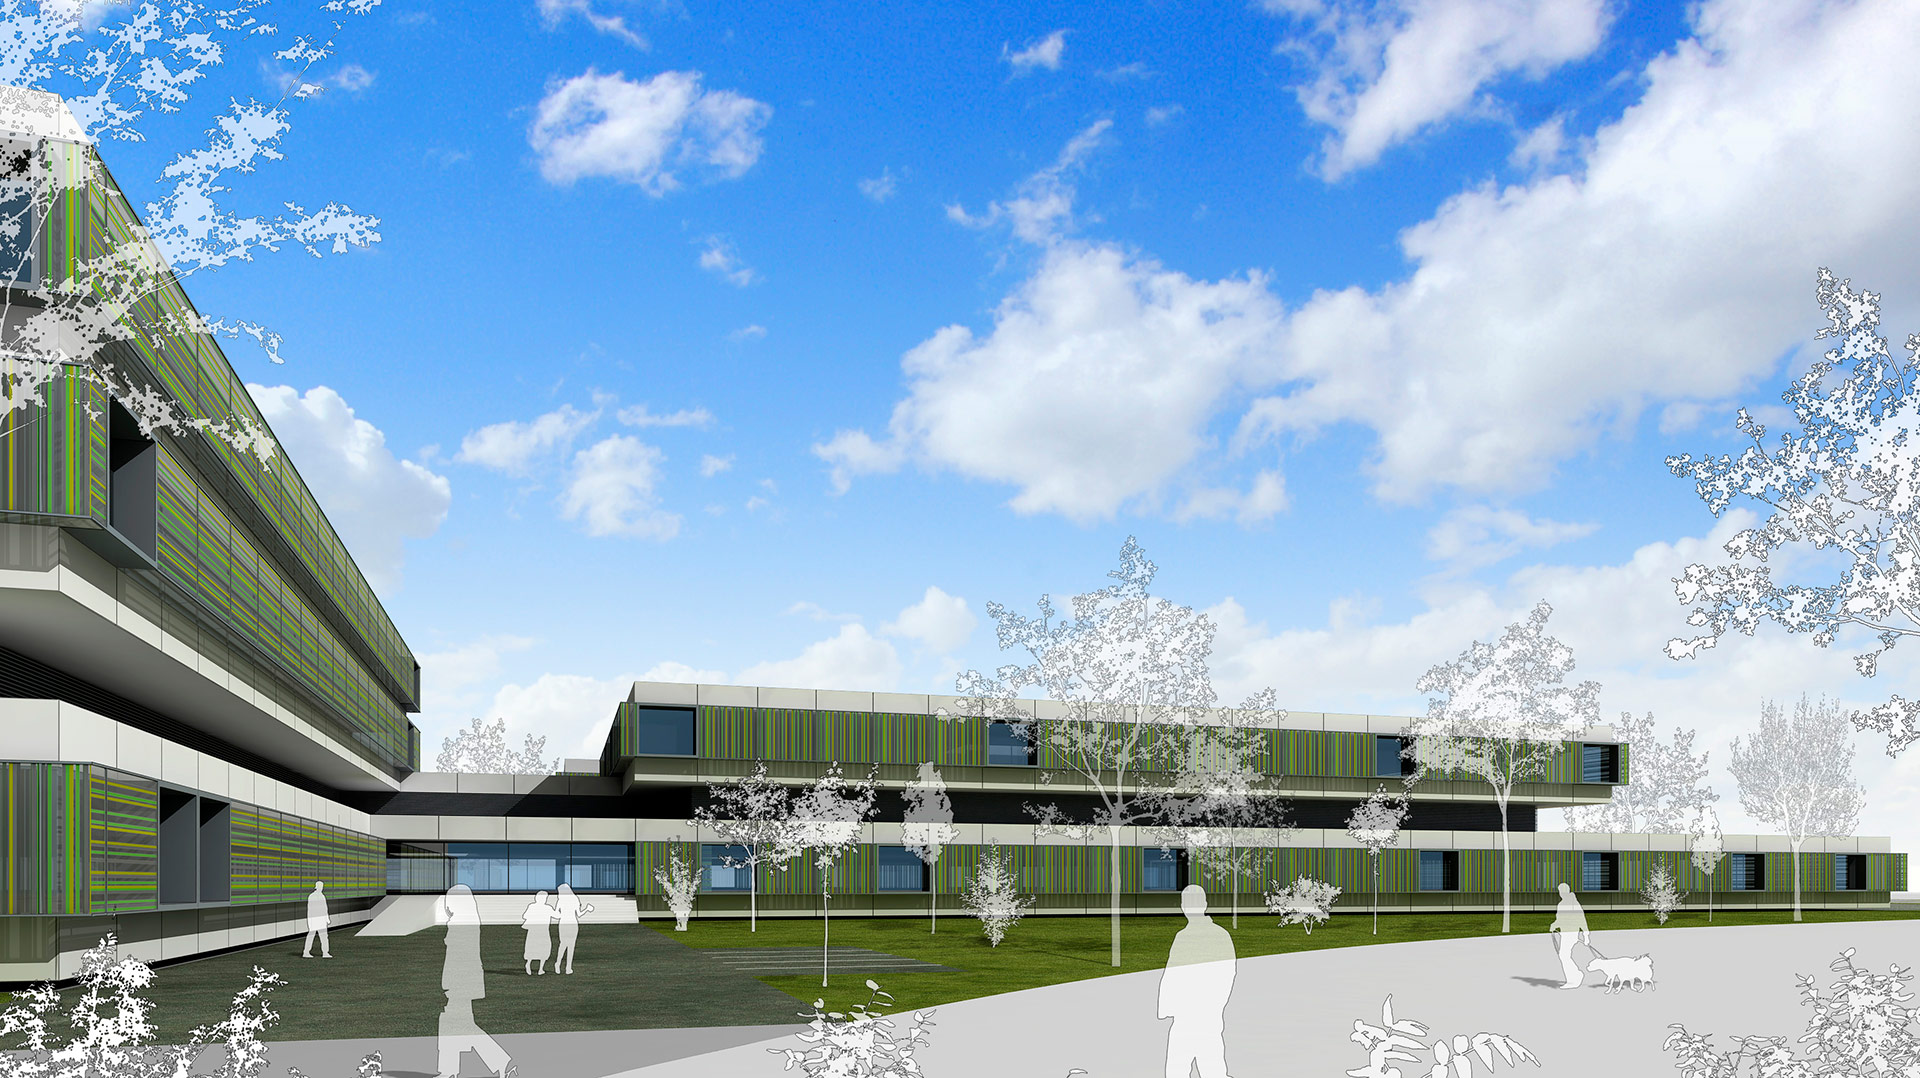 Concurso-complejo-asistencial-medico-tecnologico-CAMTNA-Proyecto-ByEarquitectos-Pamplona-Navarra-00-Portada